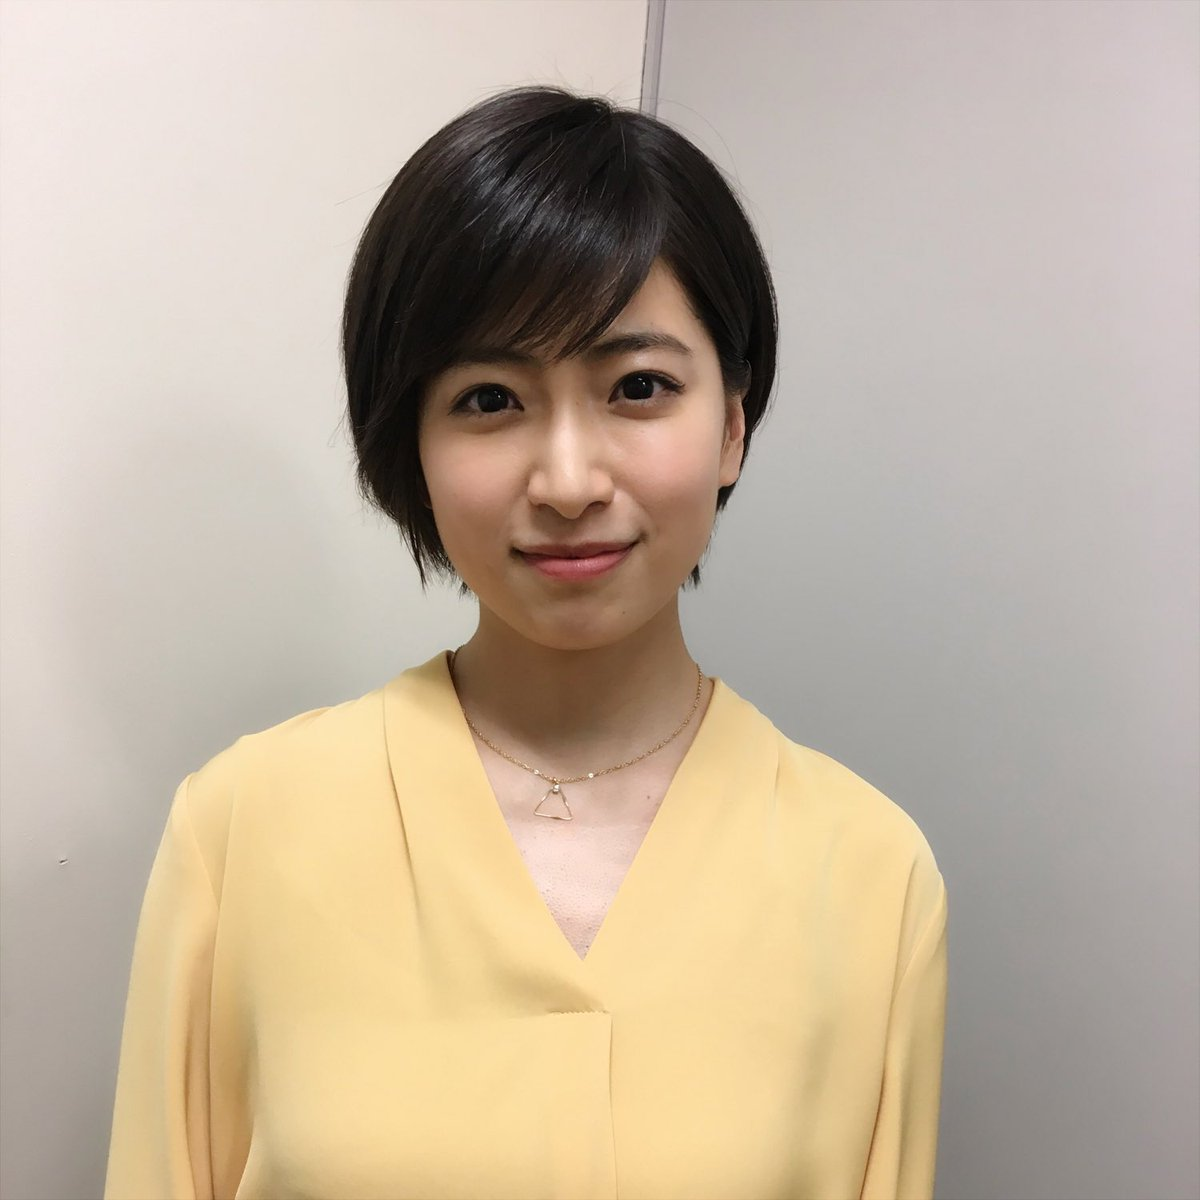 南沢奈央が現在は若林の彼女で結婚は?馴れ初めの番組や落語とは?